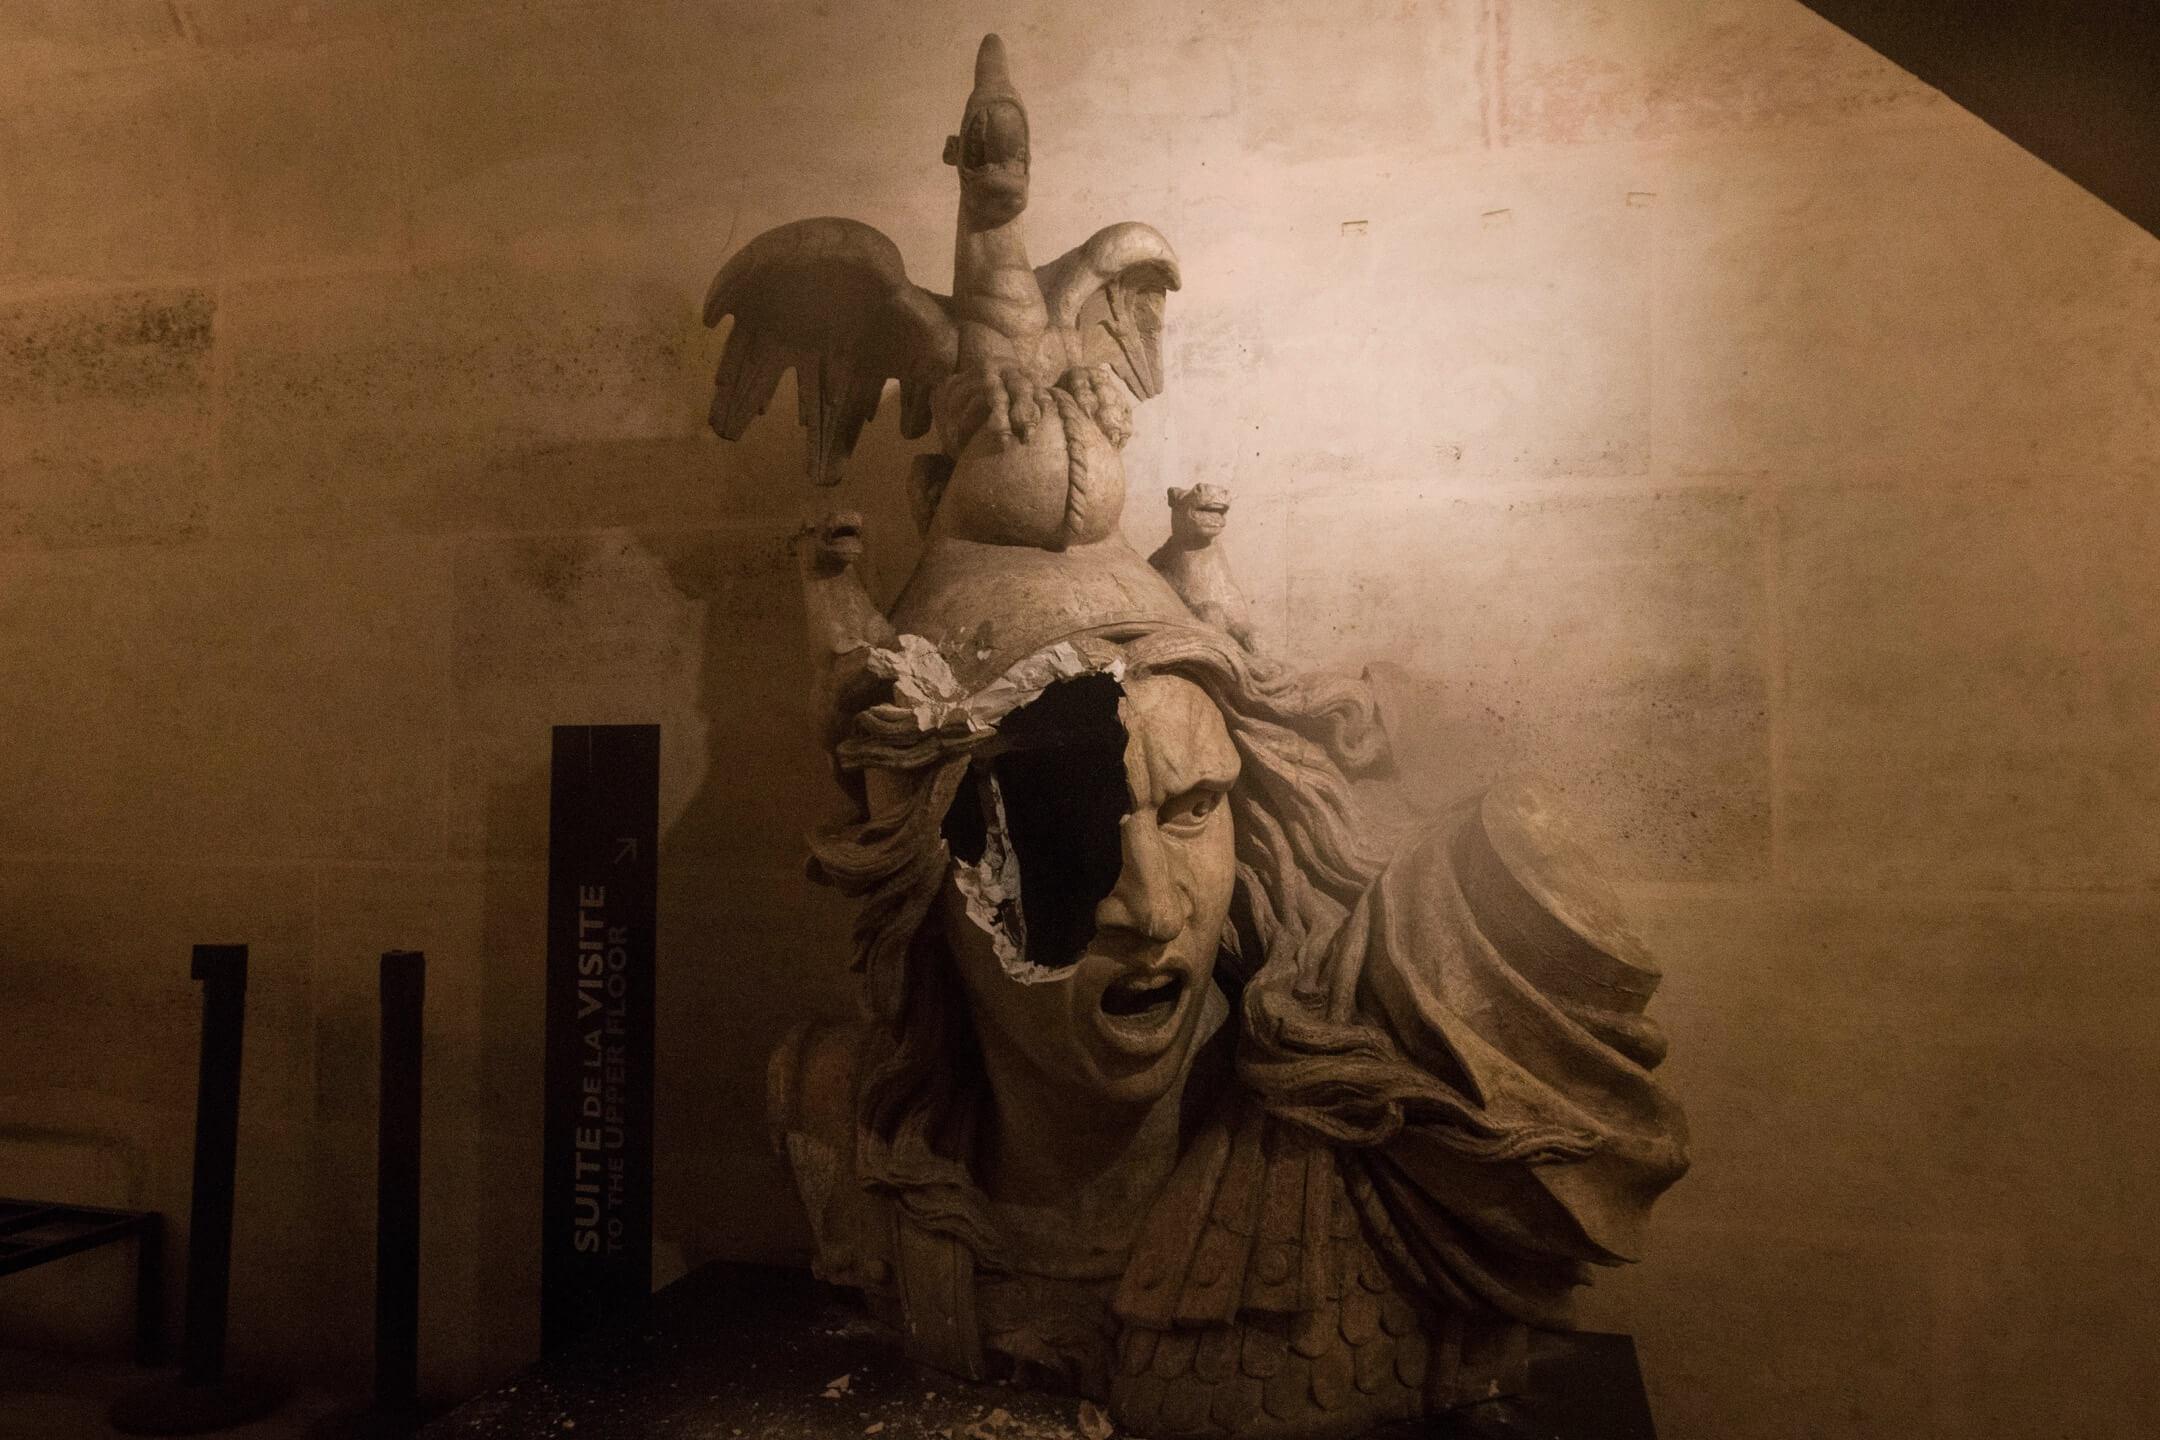 網絡雜誌Aeon在6月底發表題為《自由主義的多次死亡》的文章,發現自由主義在進入20世紀時又多死了幾次。那麼為什麼「自由主義會如此頻繁而持續地被宣告死亡」?圖為法國巴黎,凱旋門的一個象徵著自由的瑪麗安娜象,在黃背心運動中遭示威者破壞。 攝:Sathiri Kelpa/SOPA Images/LightRocket via Getty Images